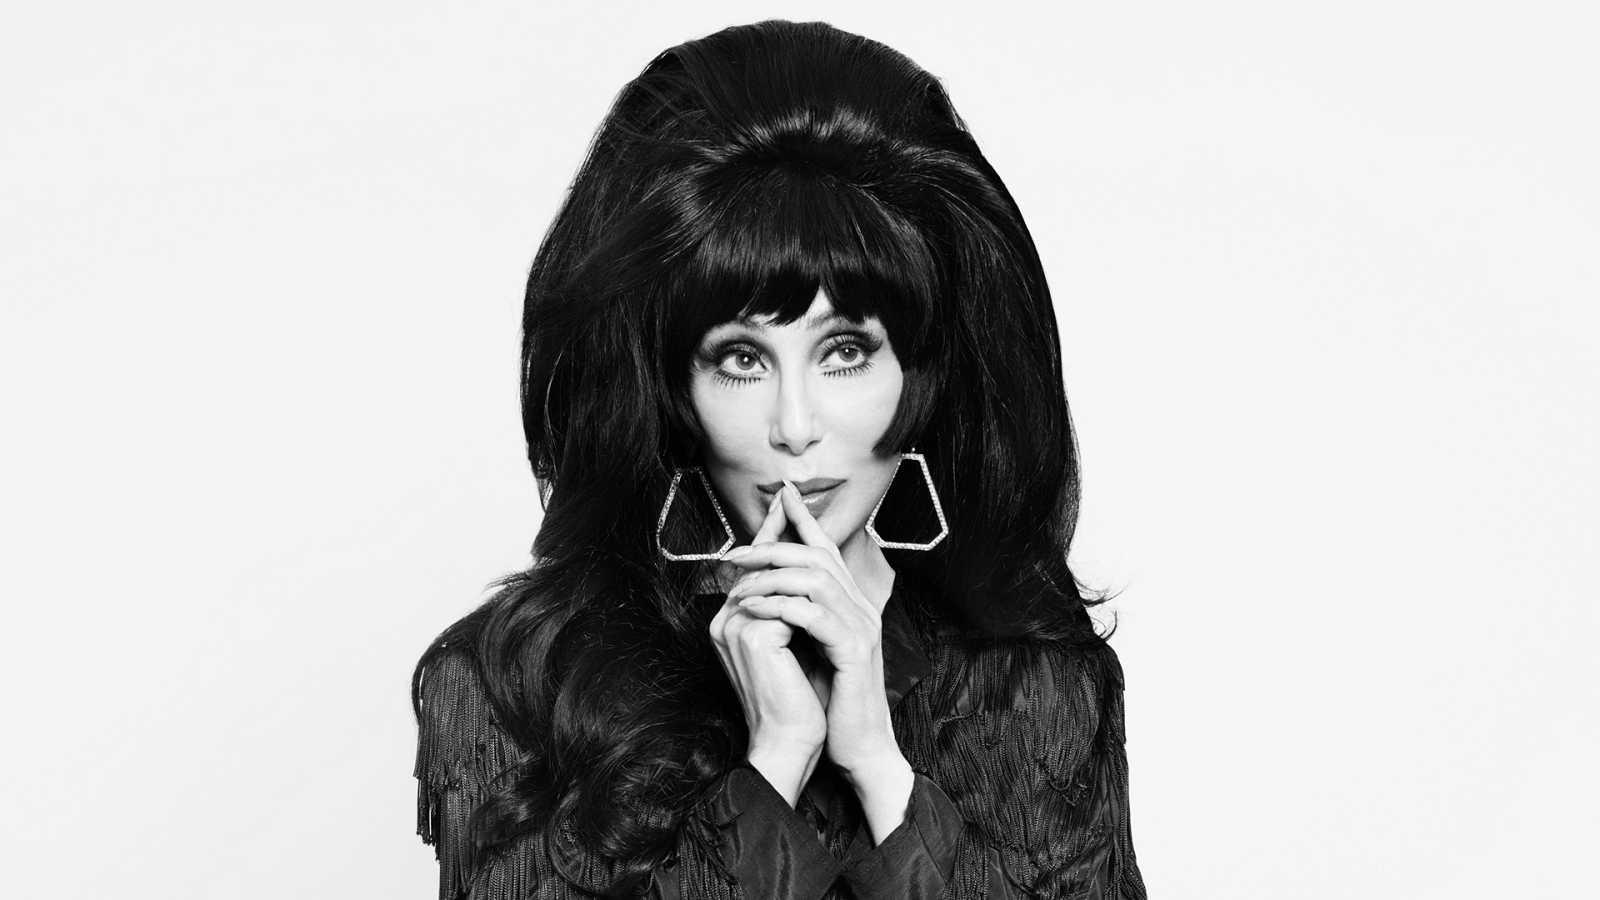 Entre dos luces - Atemporal, excéntrica, excesiva... Cher - 21/05/20 - escuchar ahora